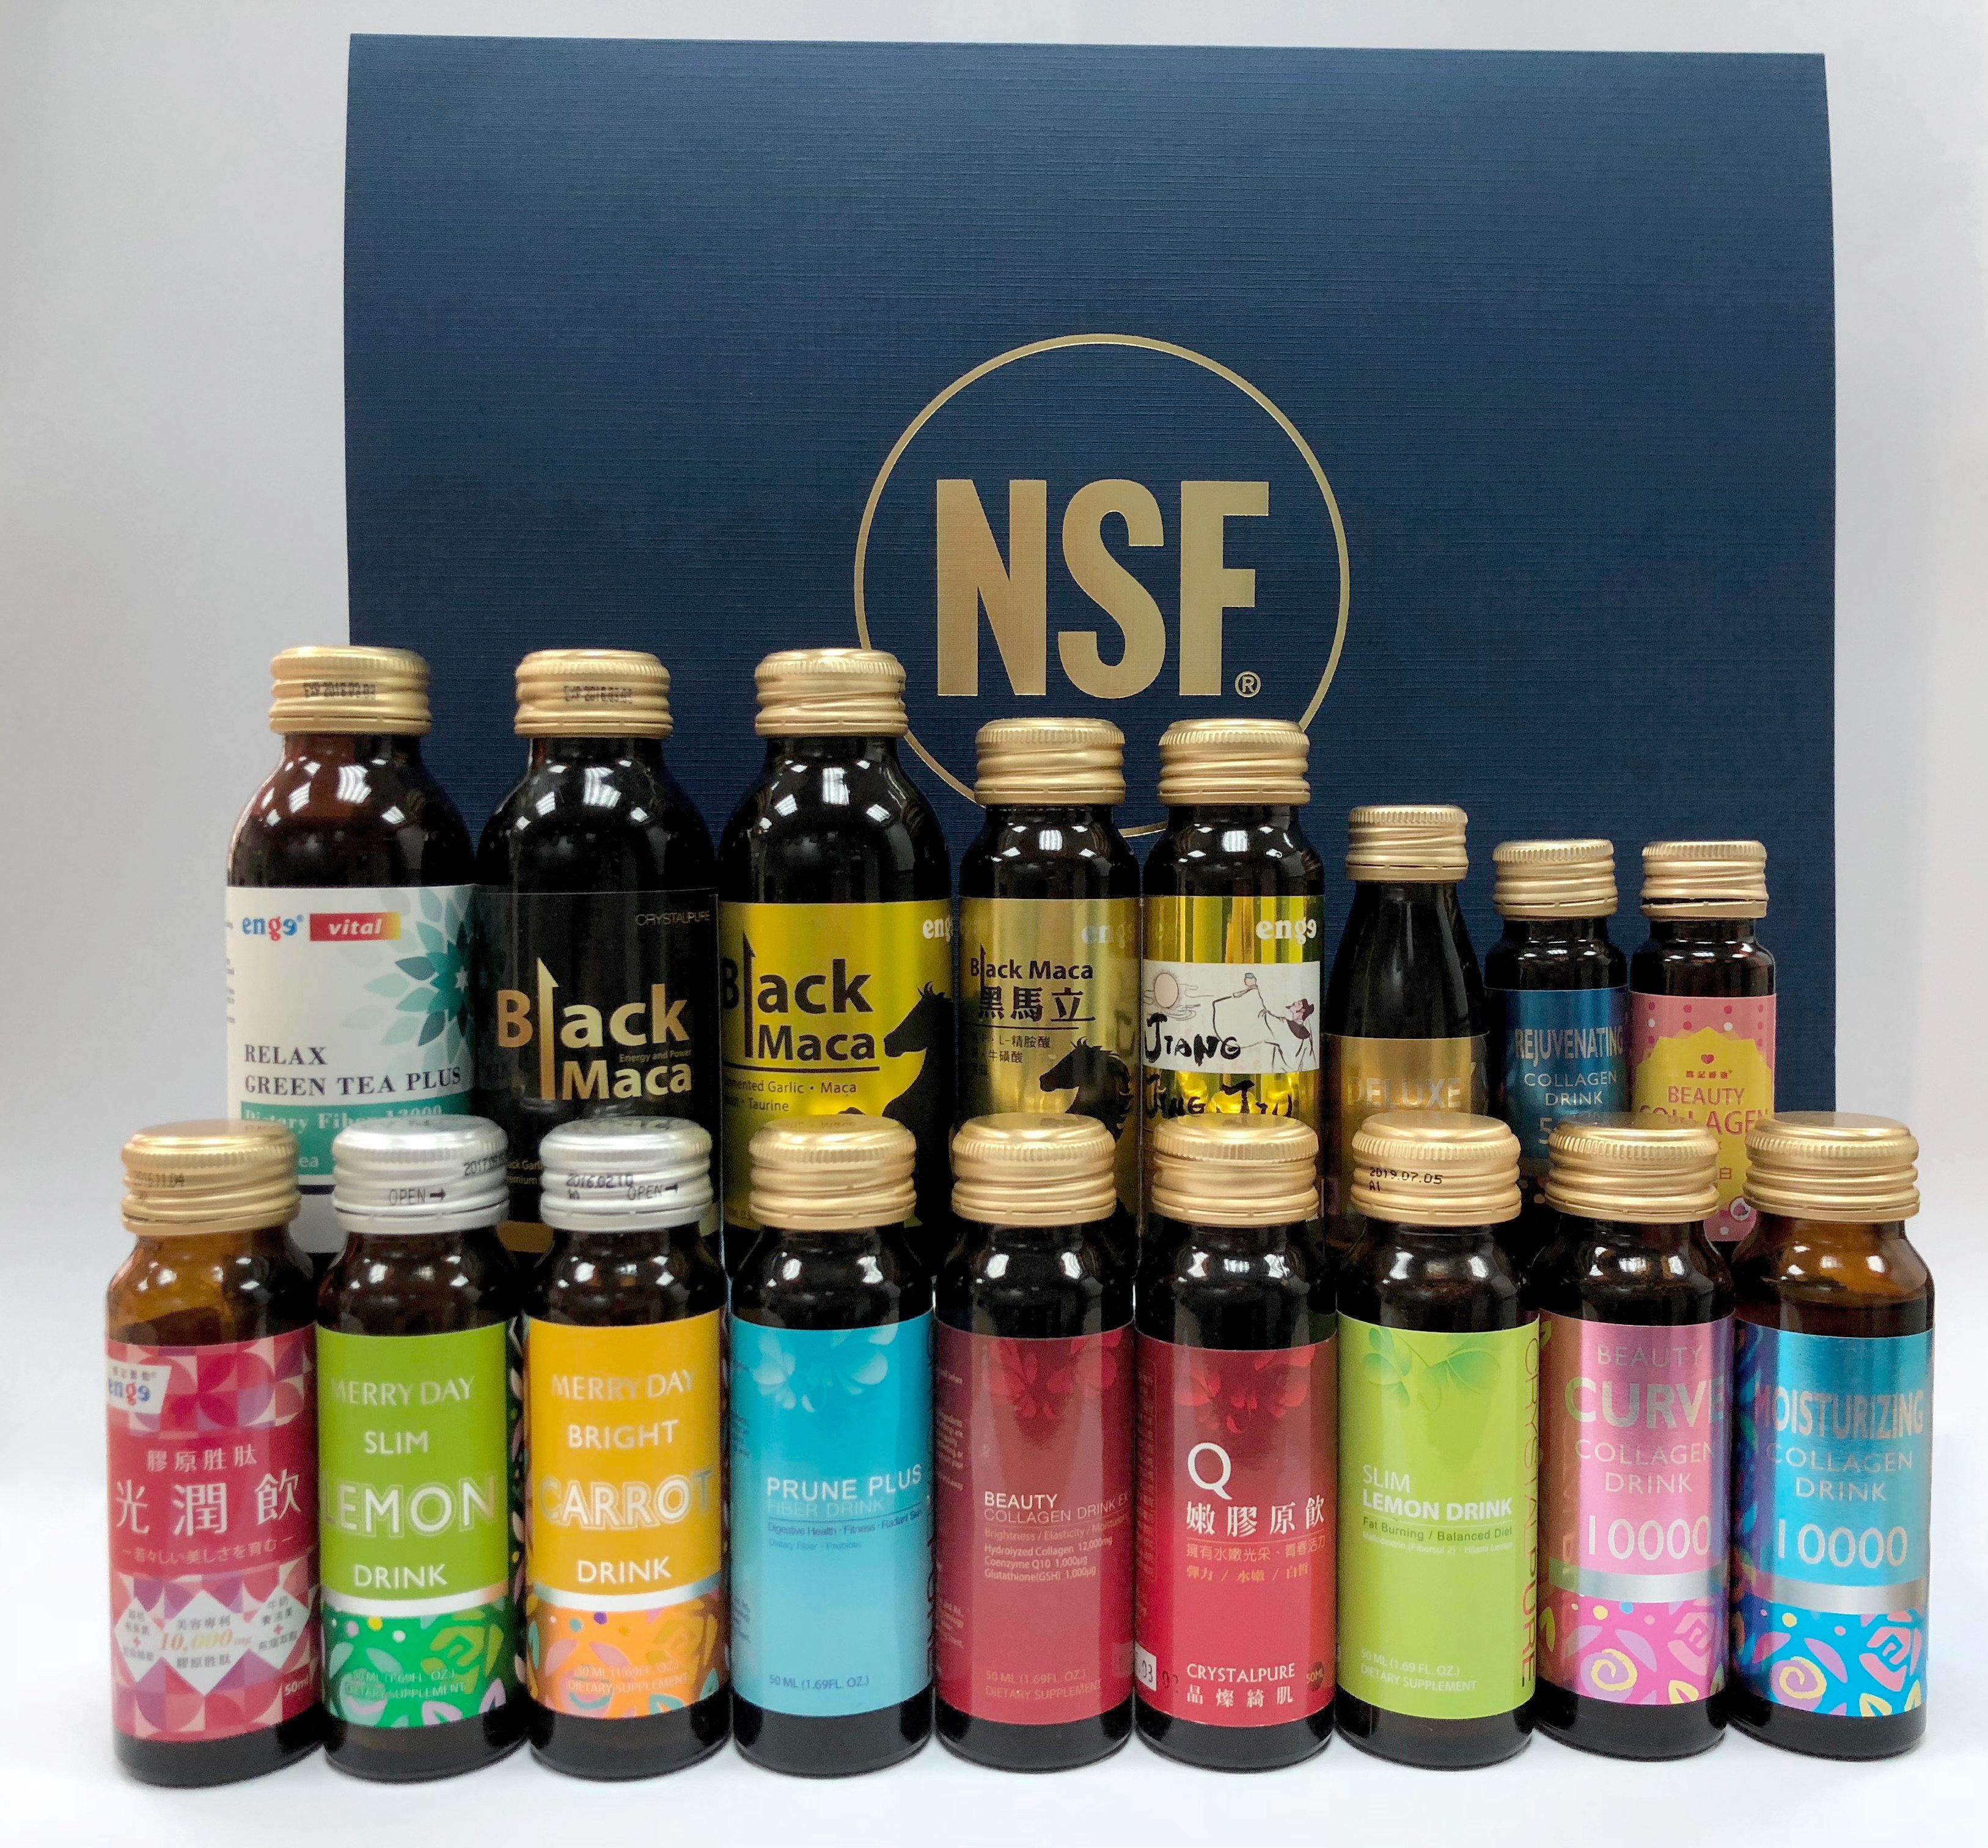 機能飲料,保健飲品,一站式代工,保健食品客製化配方